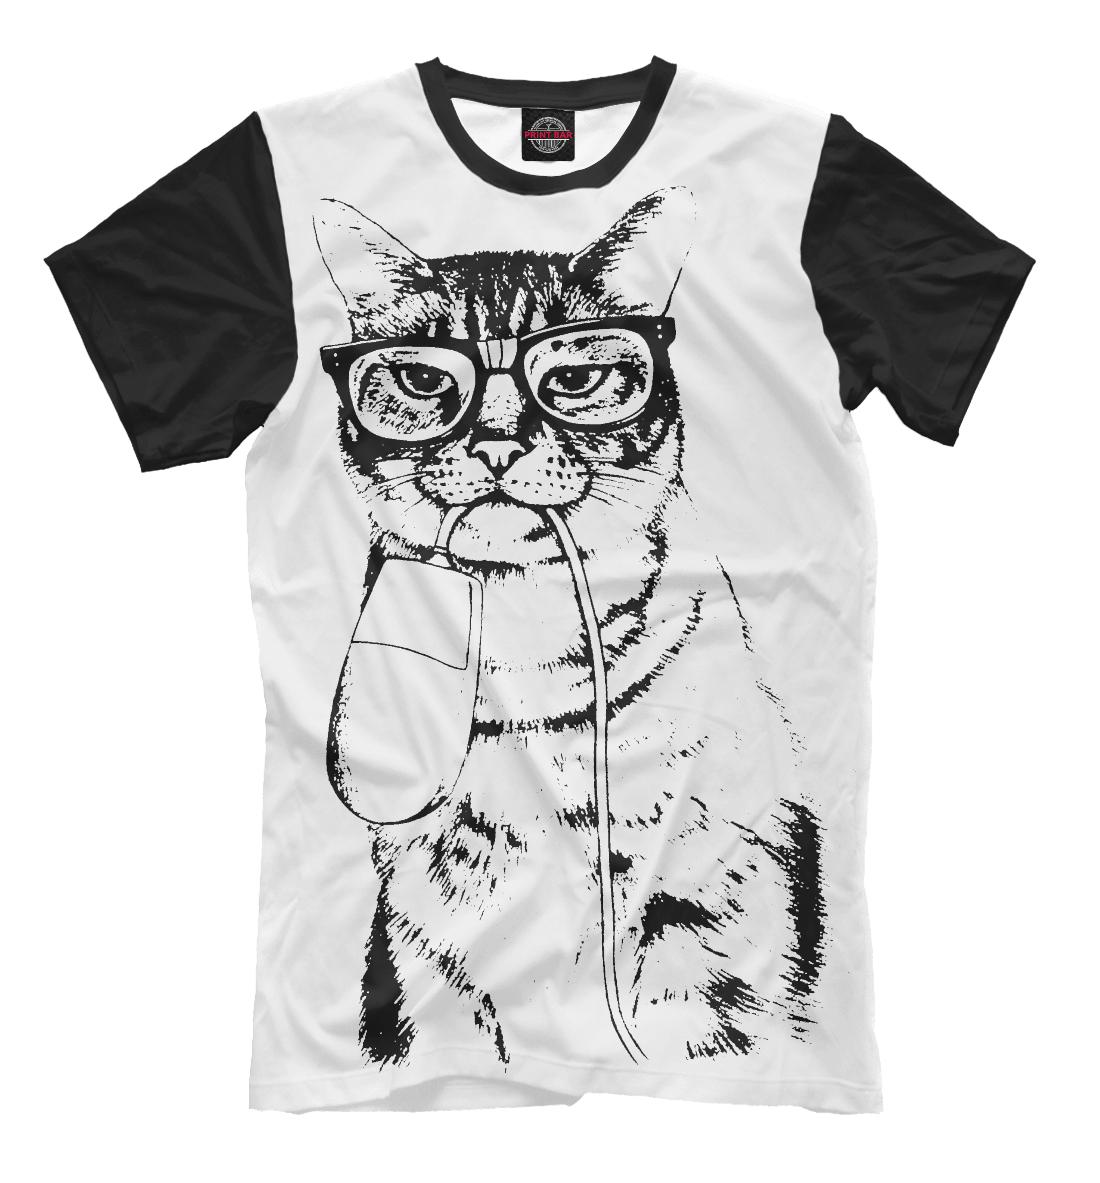 Купить Кошки-мышки, Printbar, Футболки, CAT-821067-fut-2